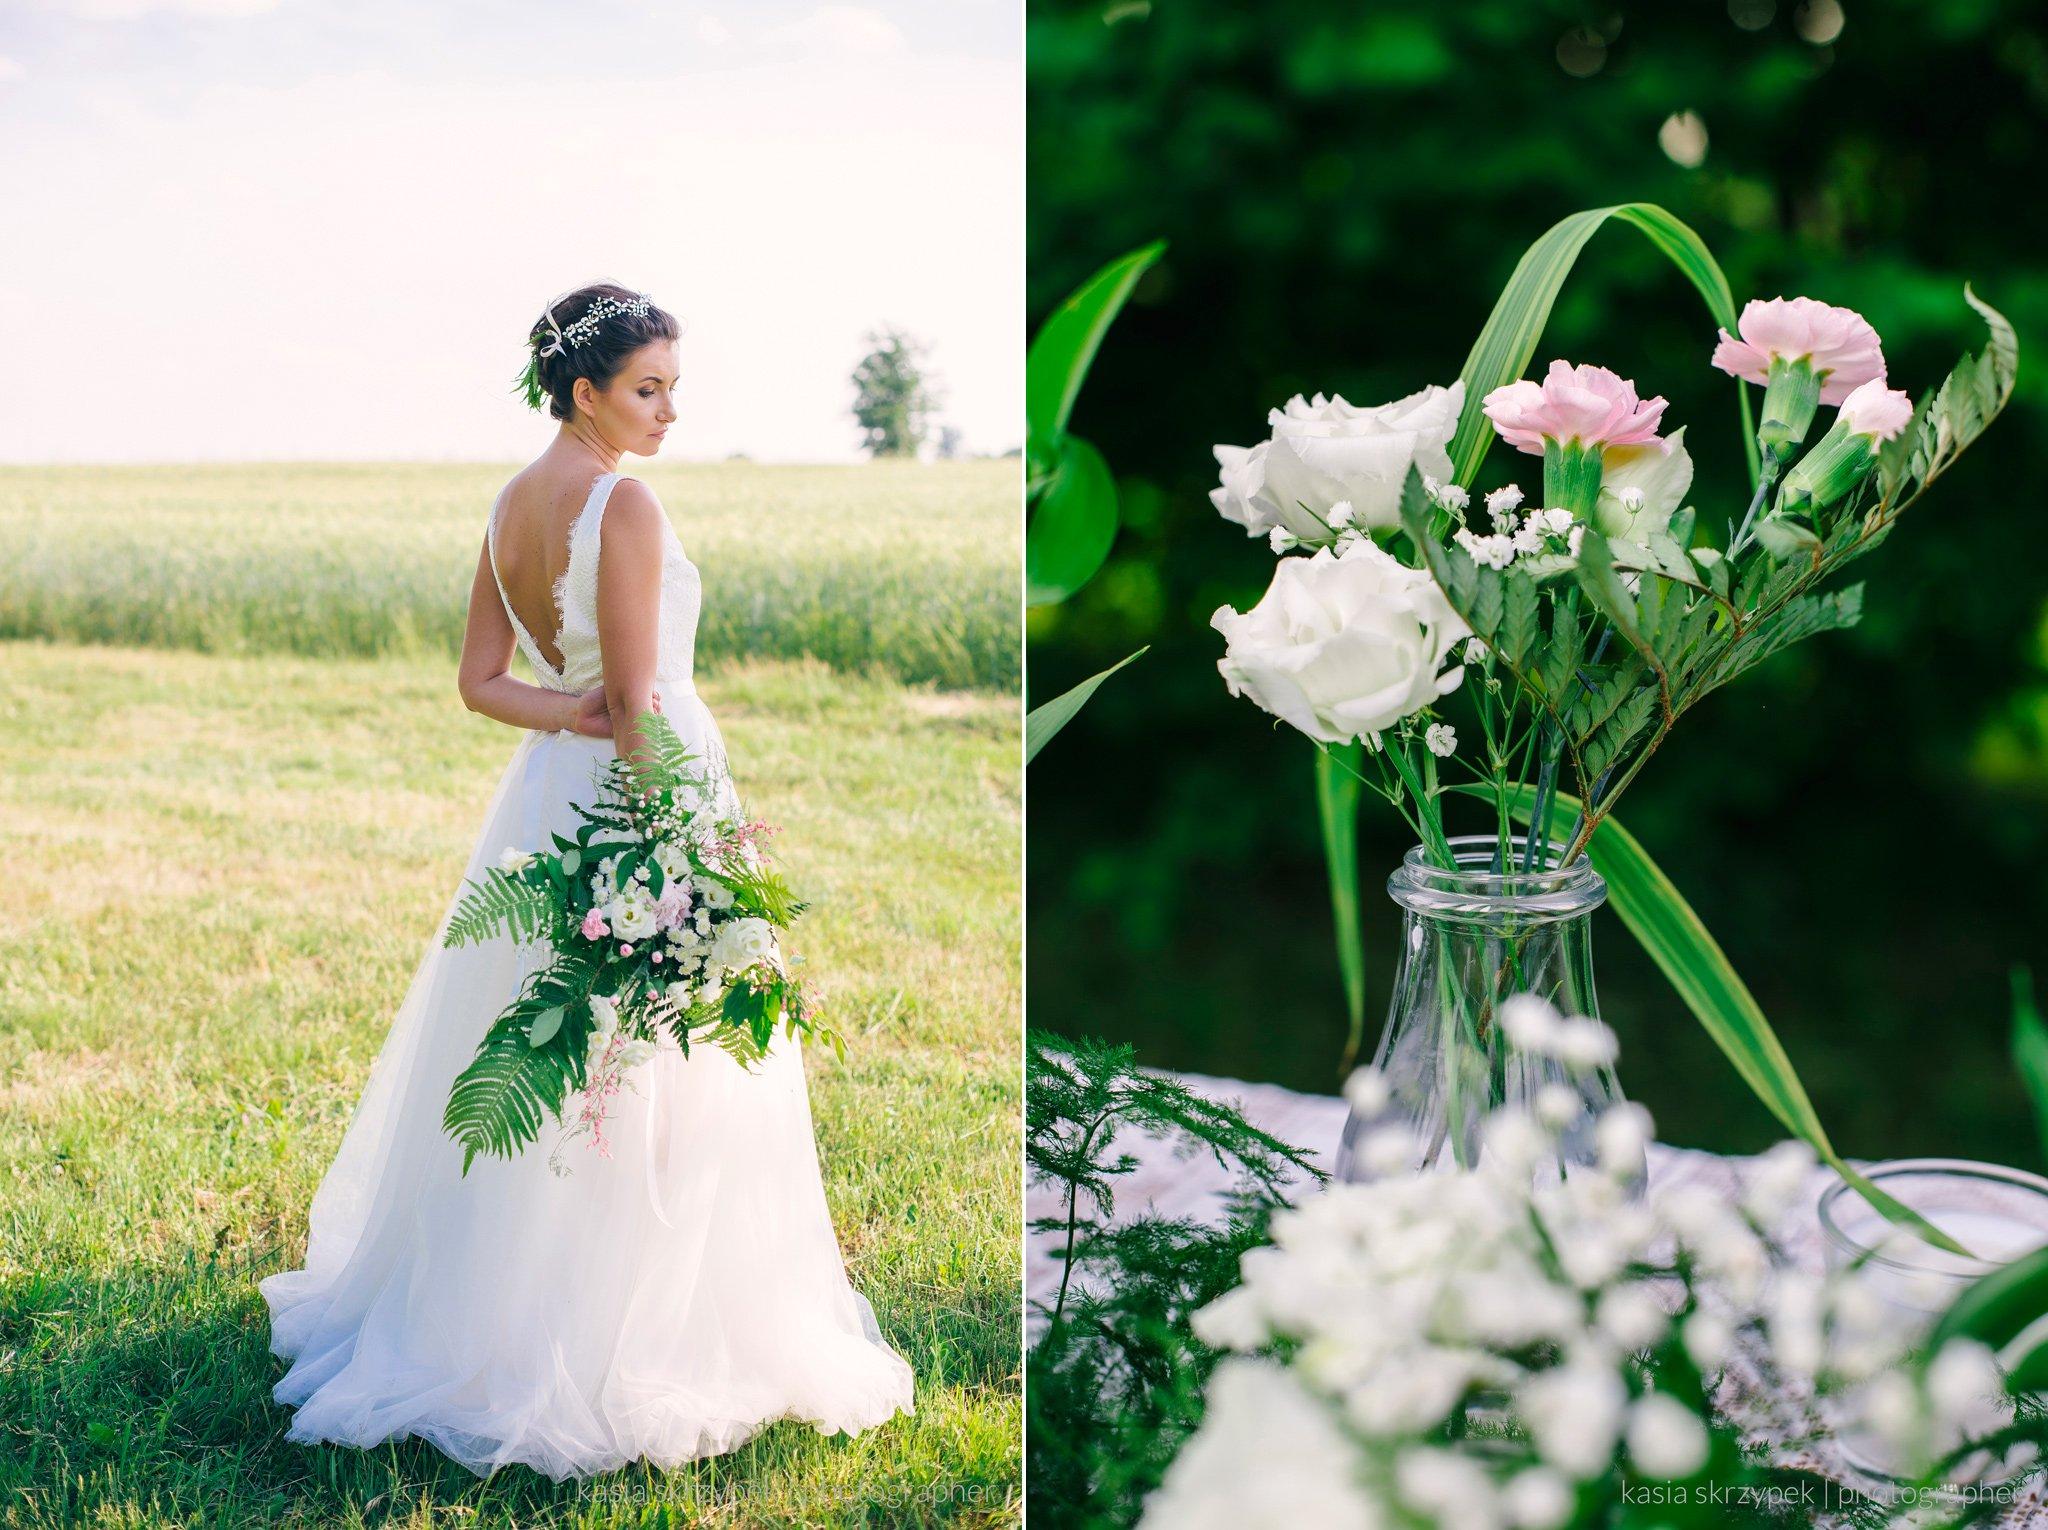 Blog-Botanical-Wedding-Styled-Shoot-13